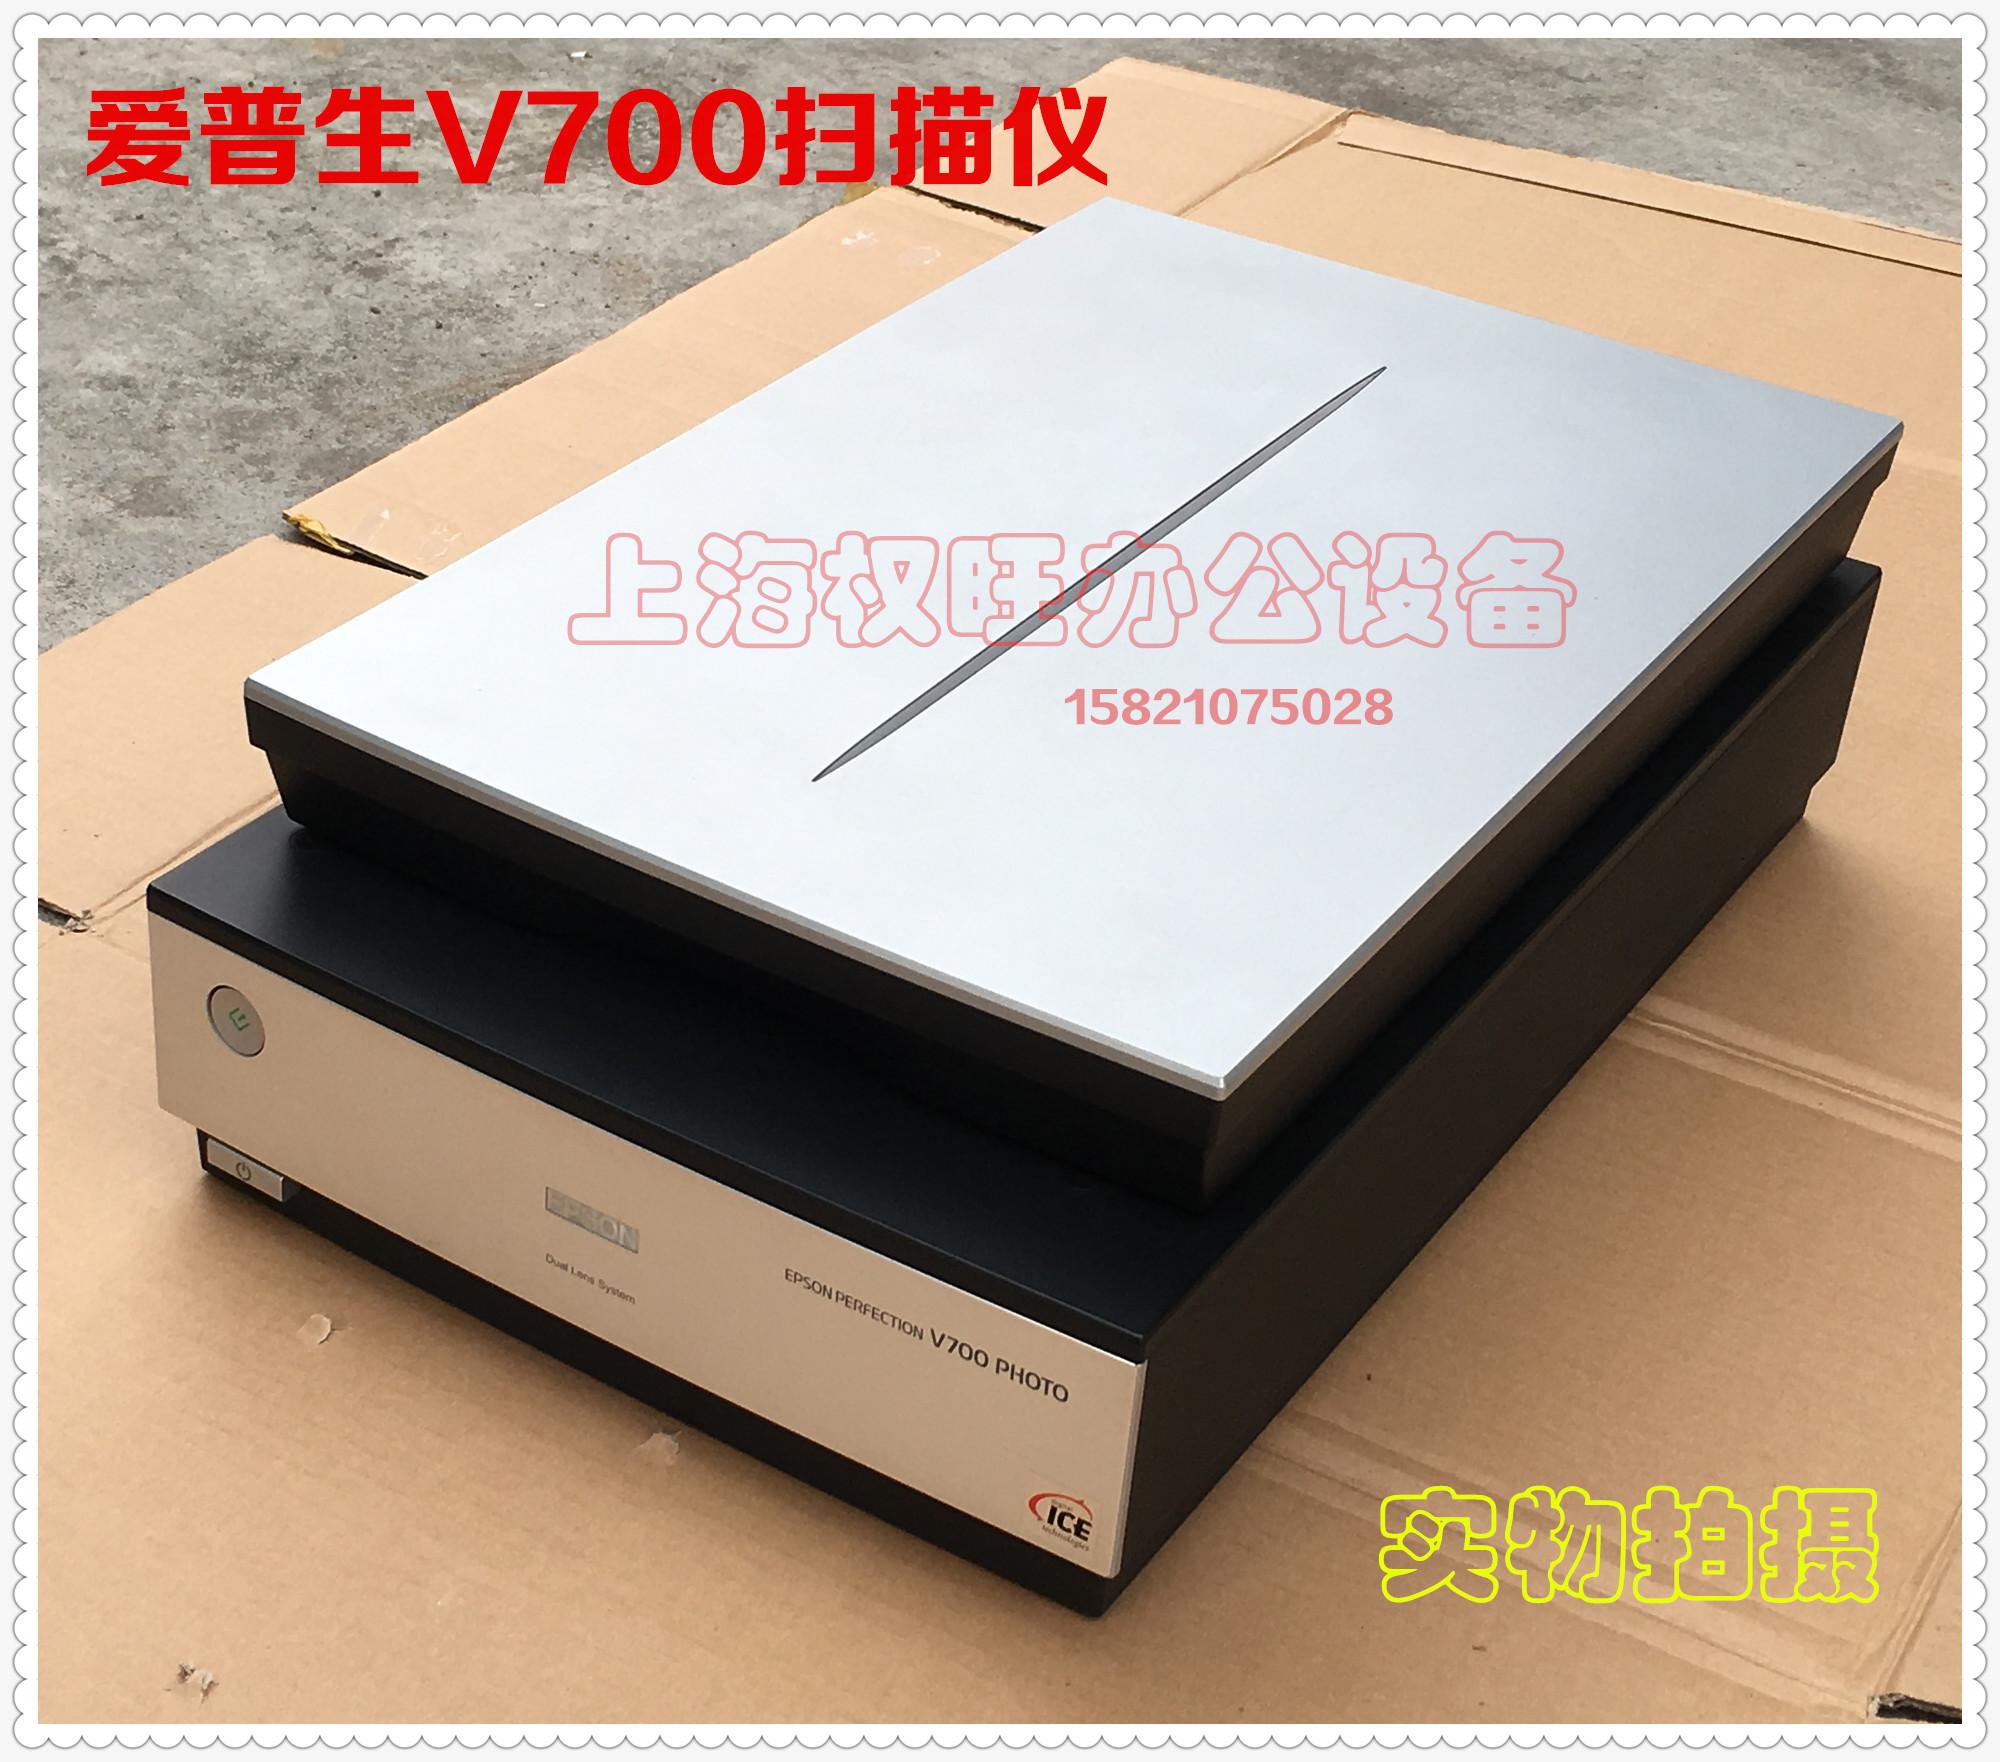 EPSON GT-X970 TREIBER WINDOWS 10